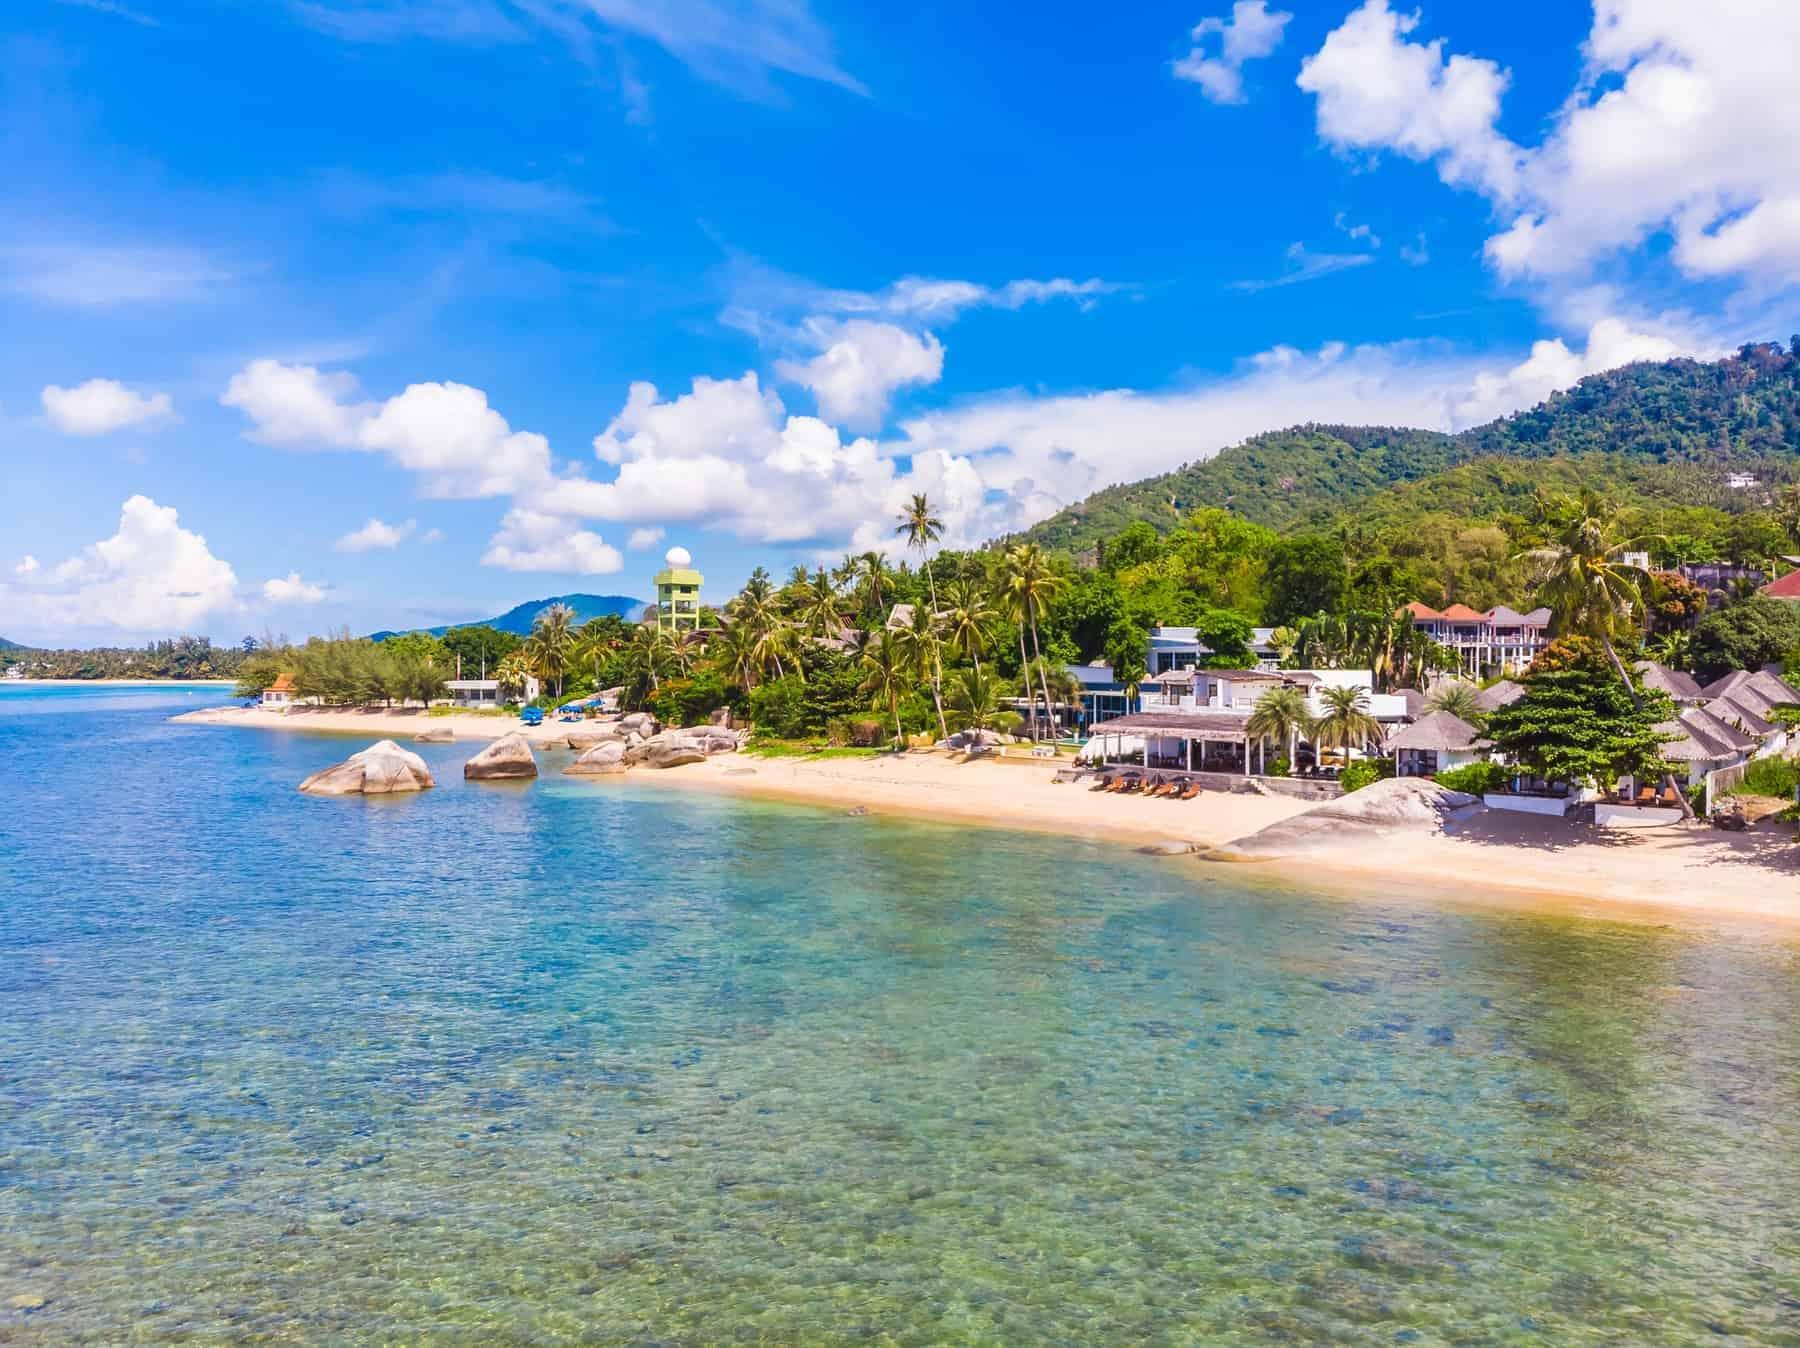 Ko Samui Island